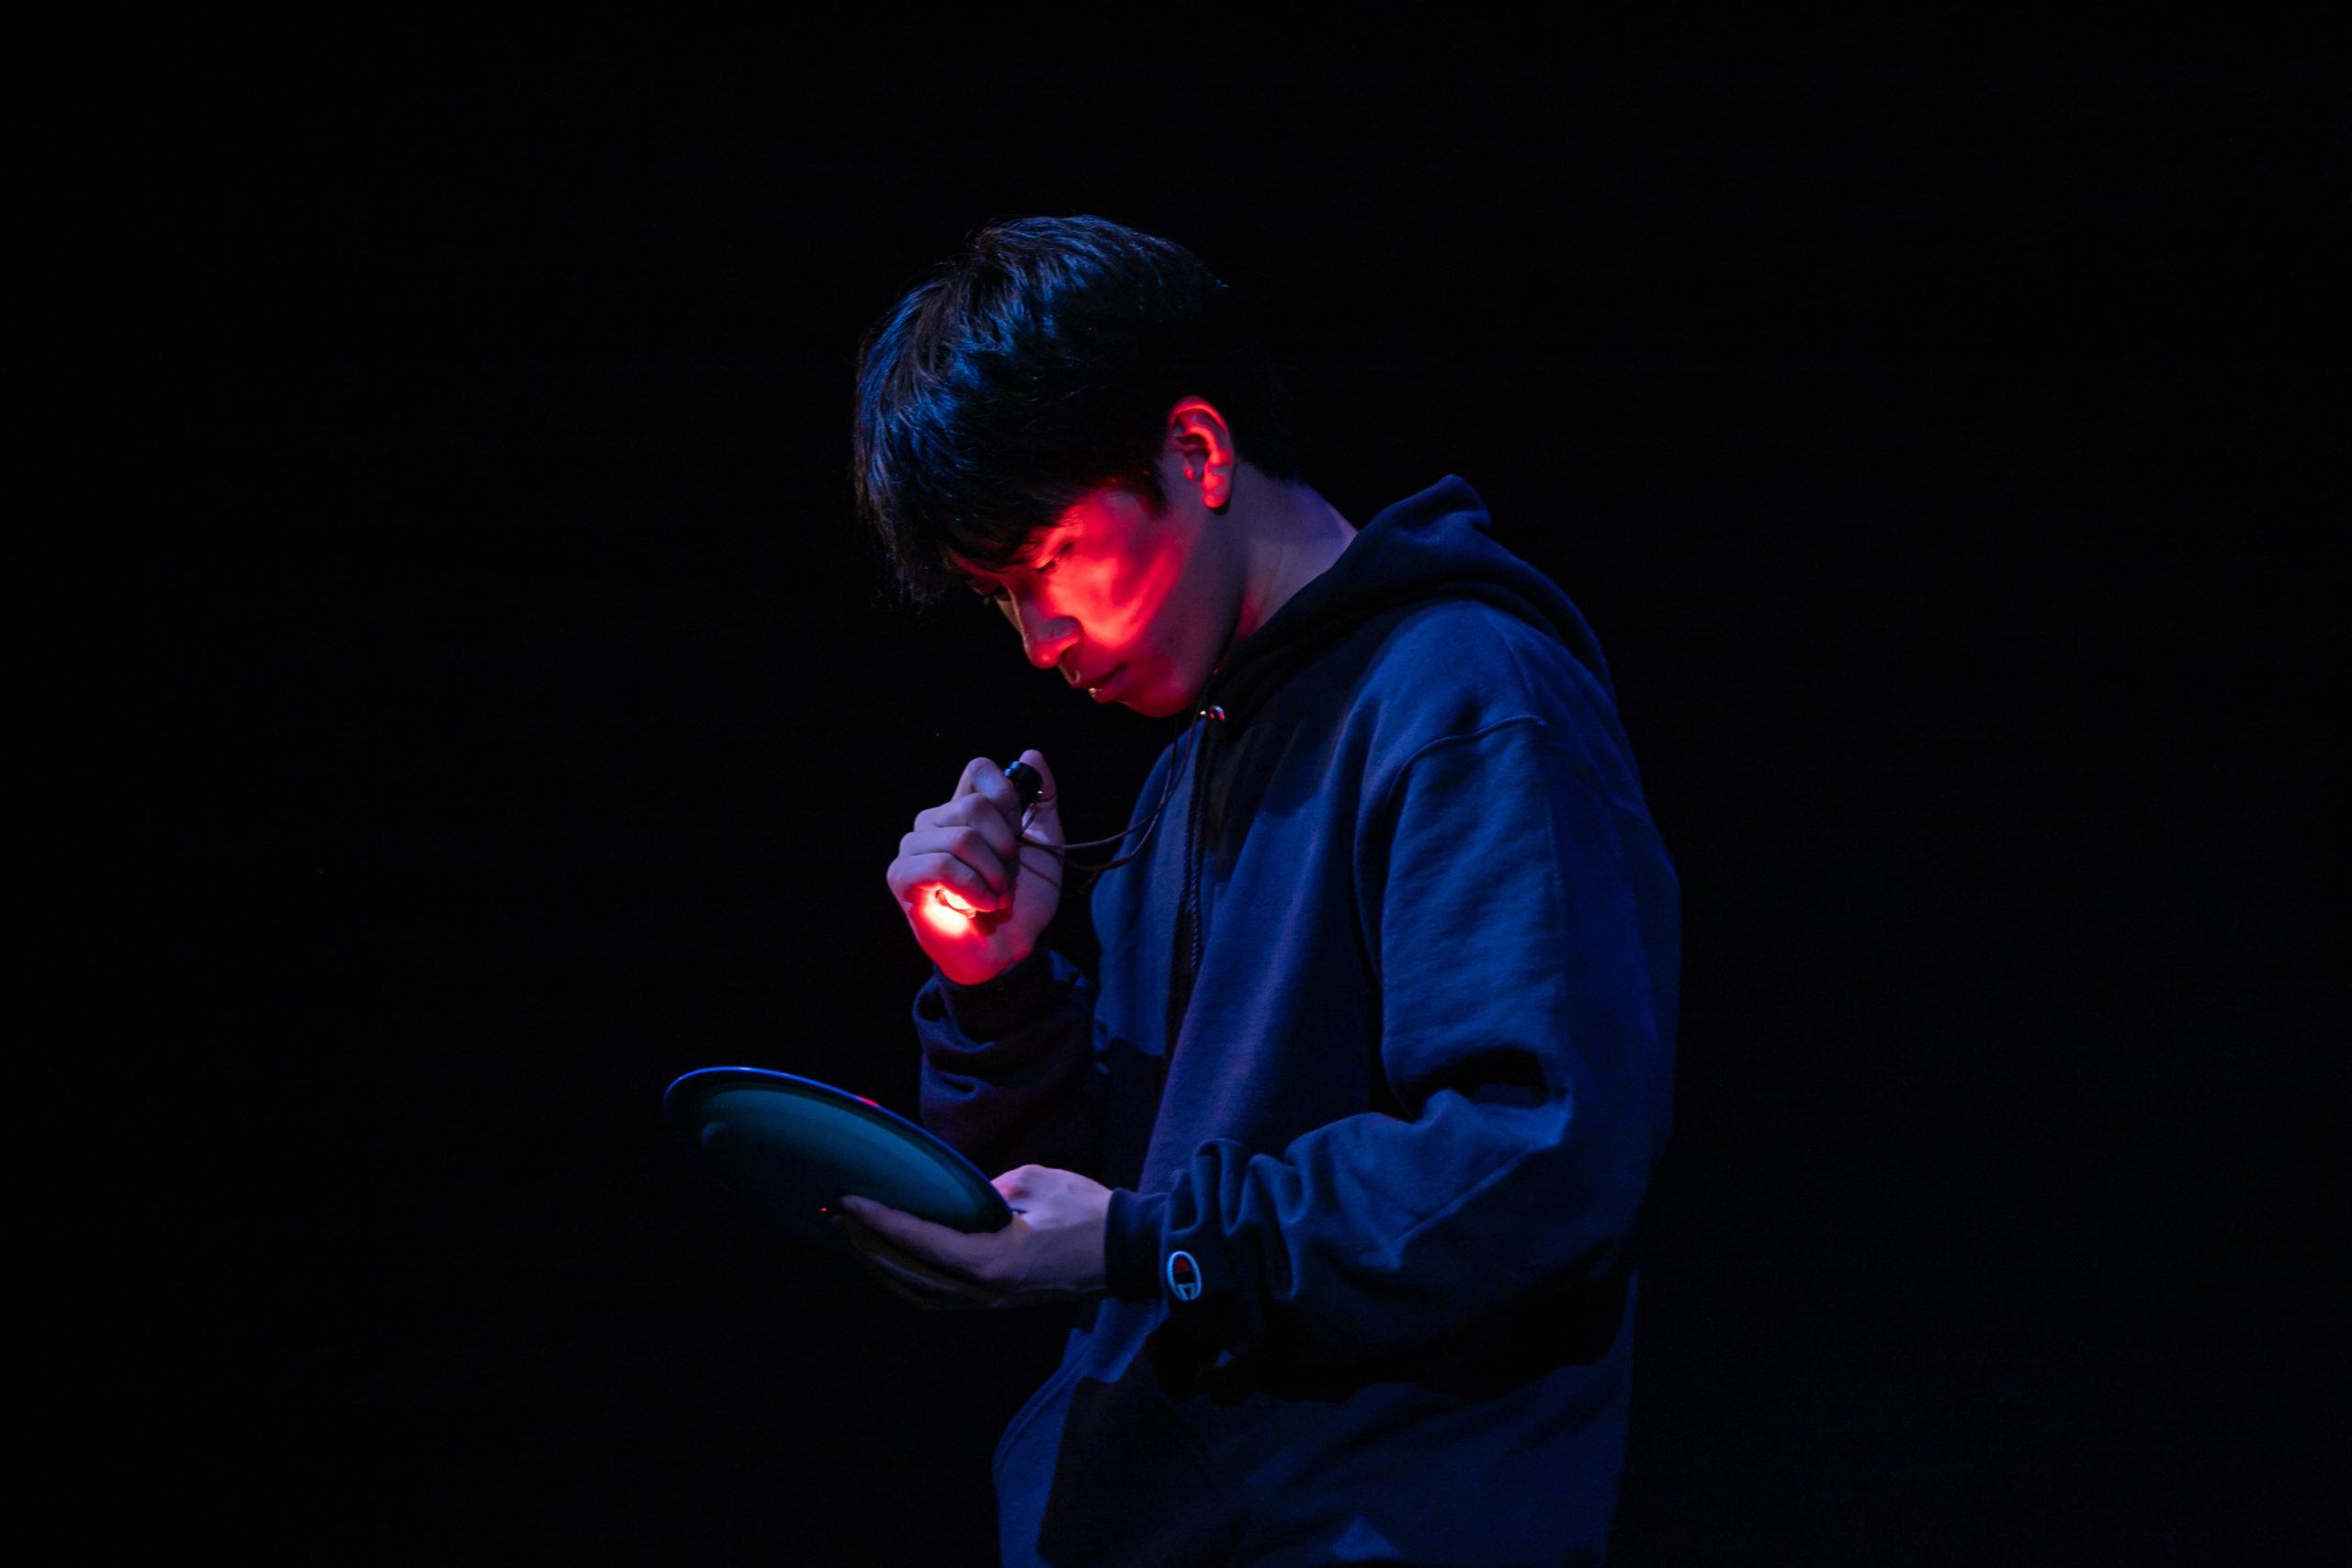 ルドルフ『隕石の栞』舞台写真